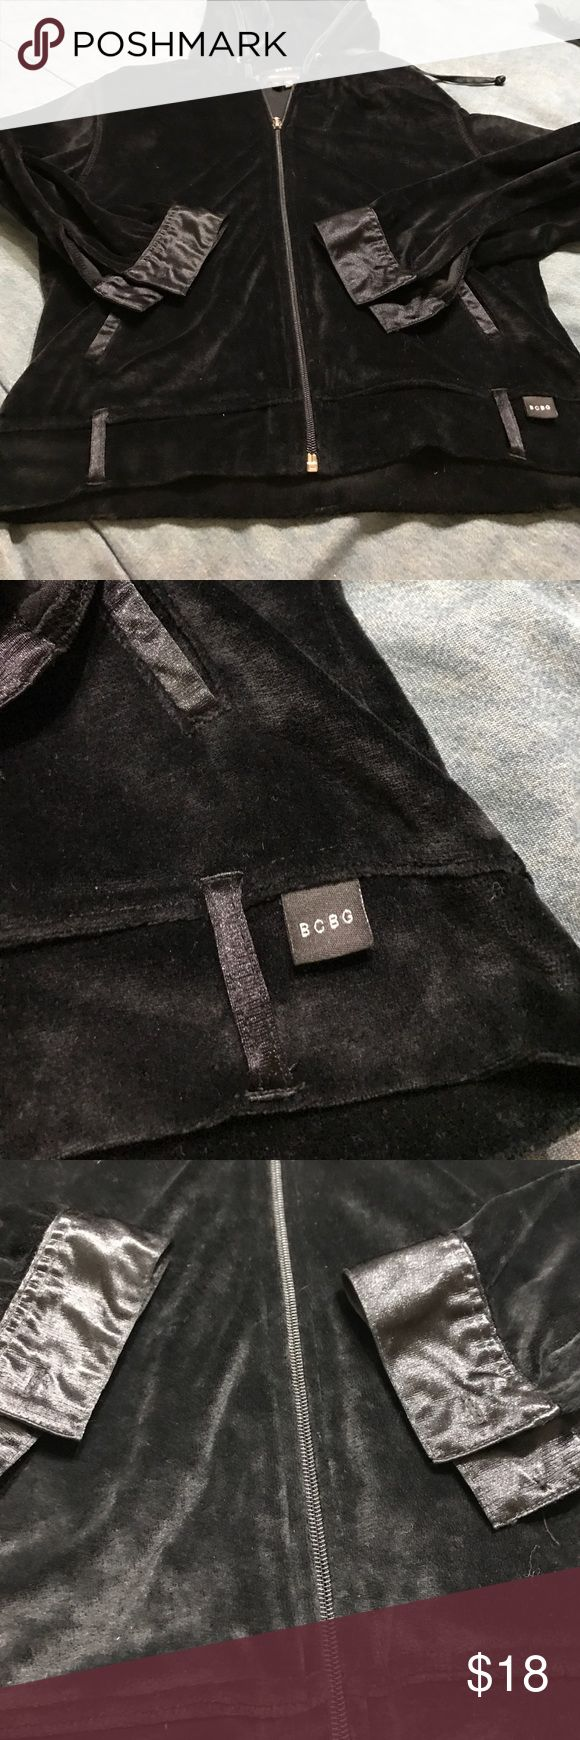 Bcbg velour jacket black hoodie Bcbg velour jacket black hoodie BCBGMaxAzria Tops Sweatshirts & Hoodies